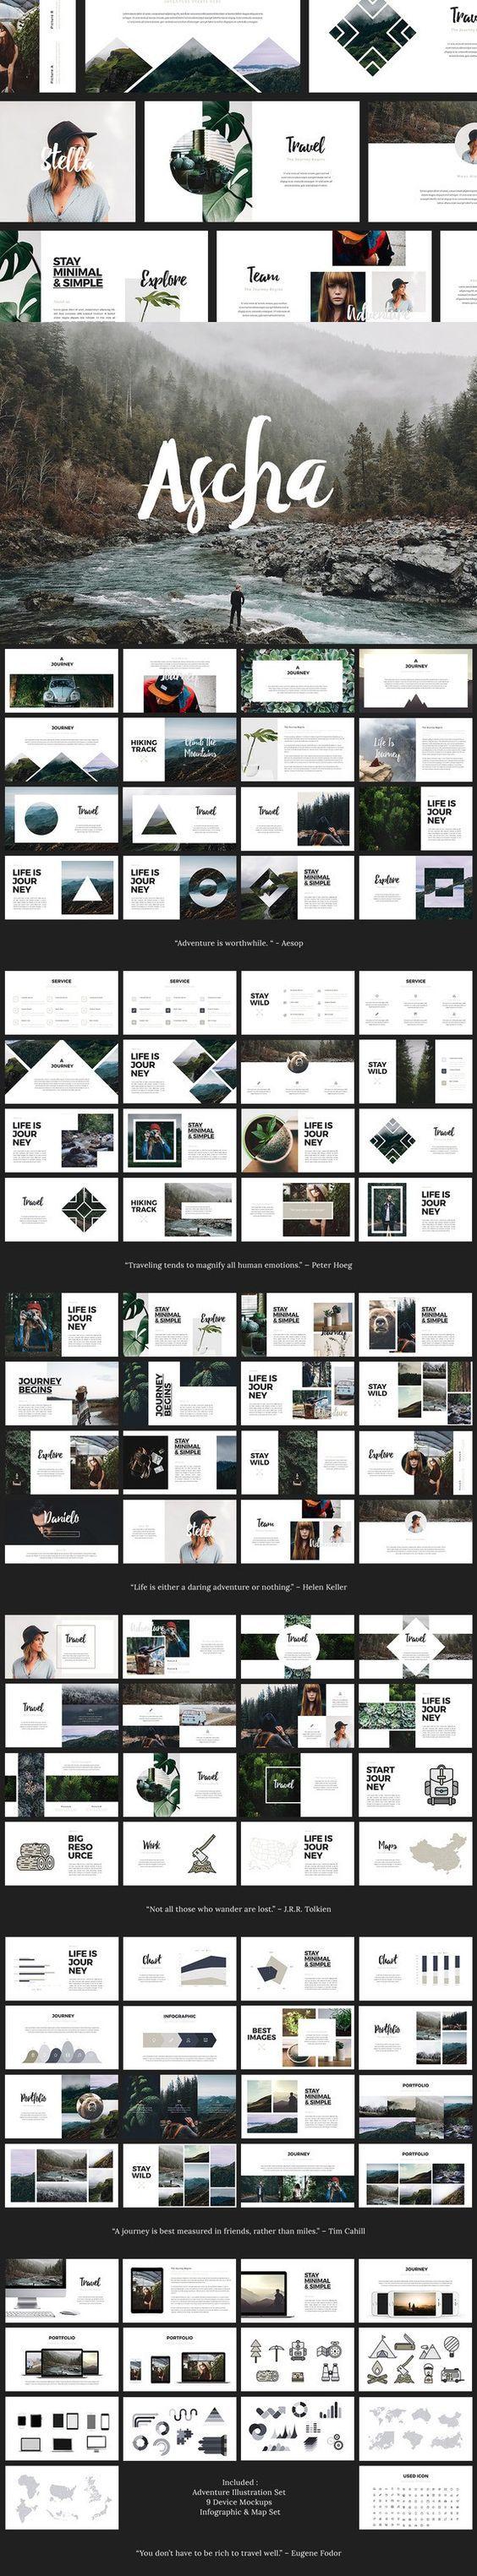 ASCHA - Powerpoint Template | PowerPoint Themes | Pinterest